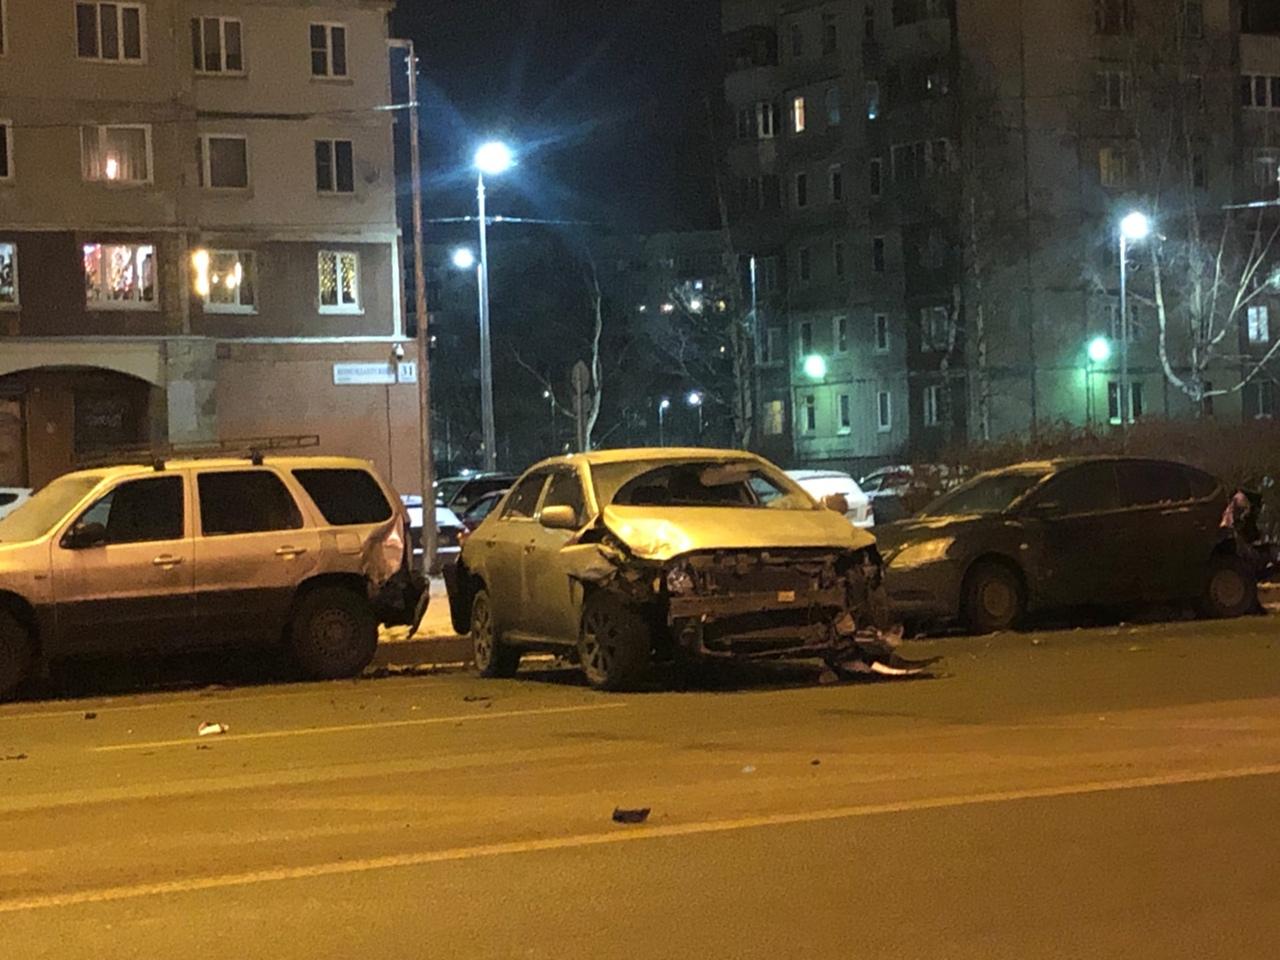 Авария на Комендантском проспекте, 31к1. Задеты две припаркованные машины.